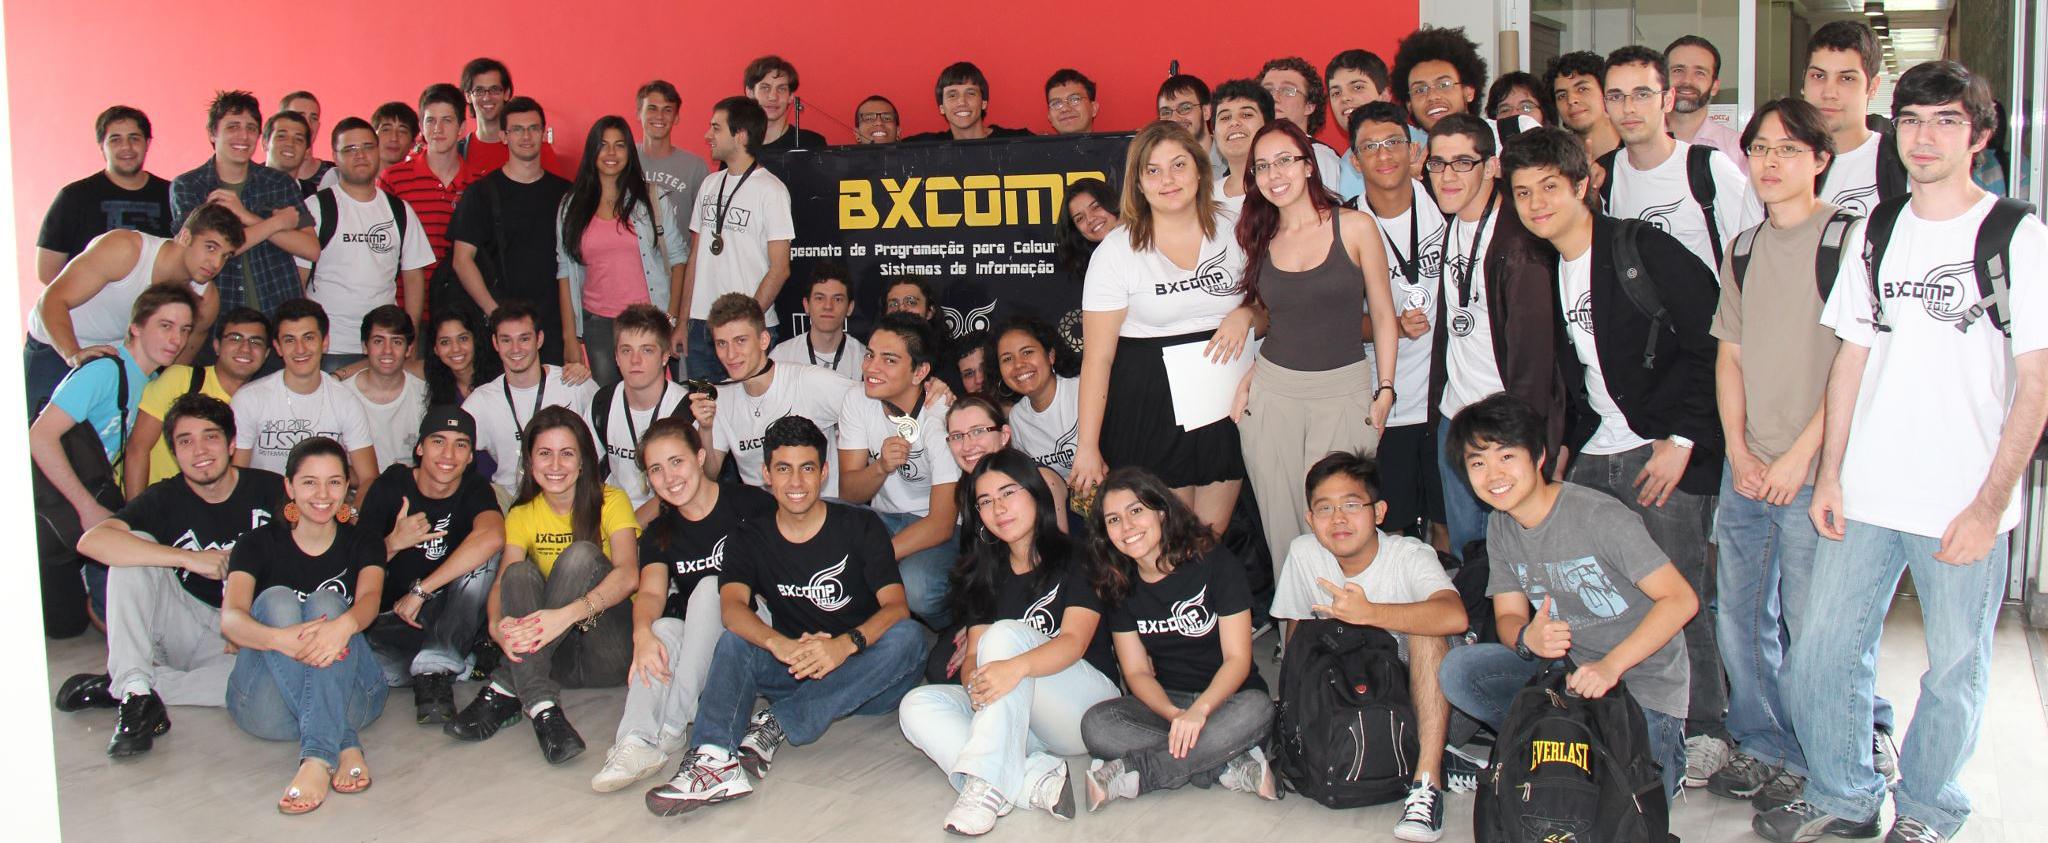 II BXCOMP